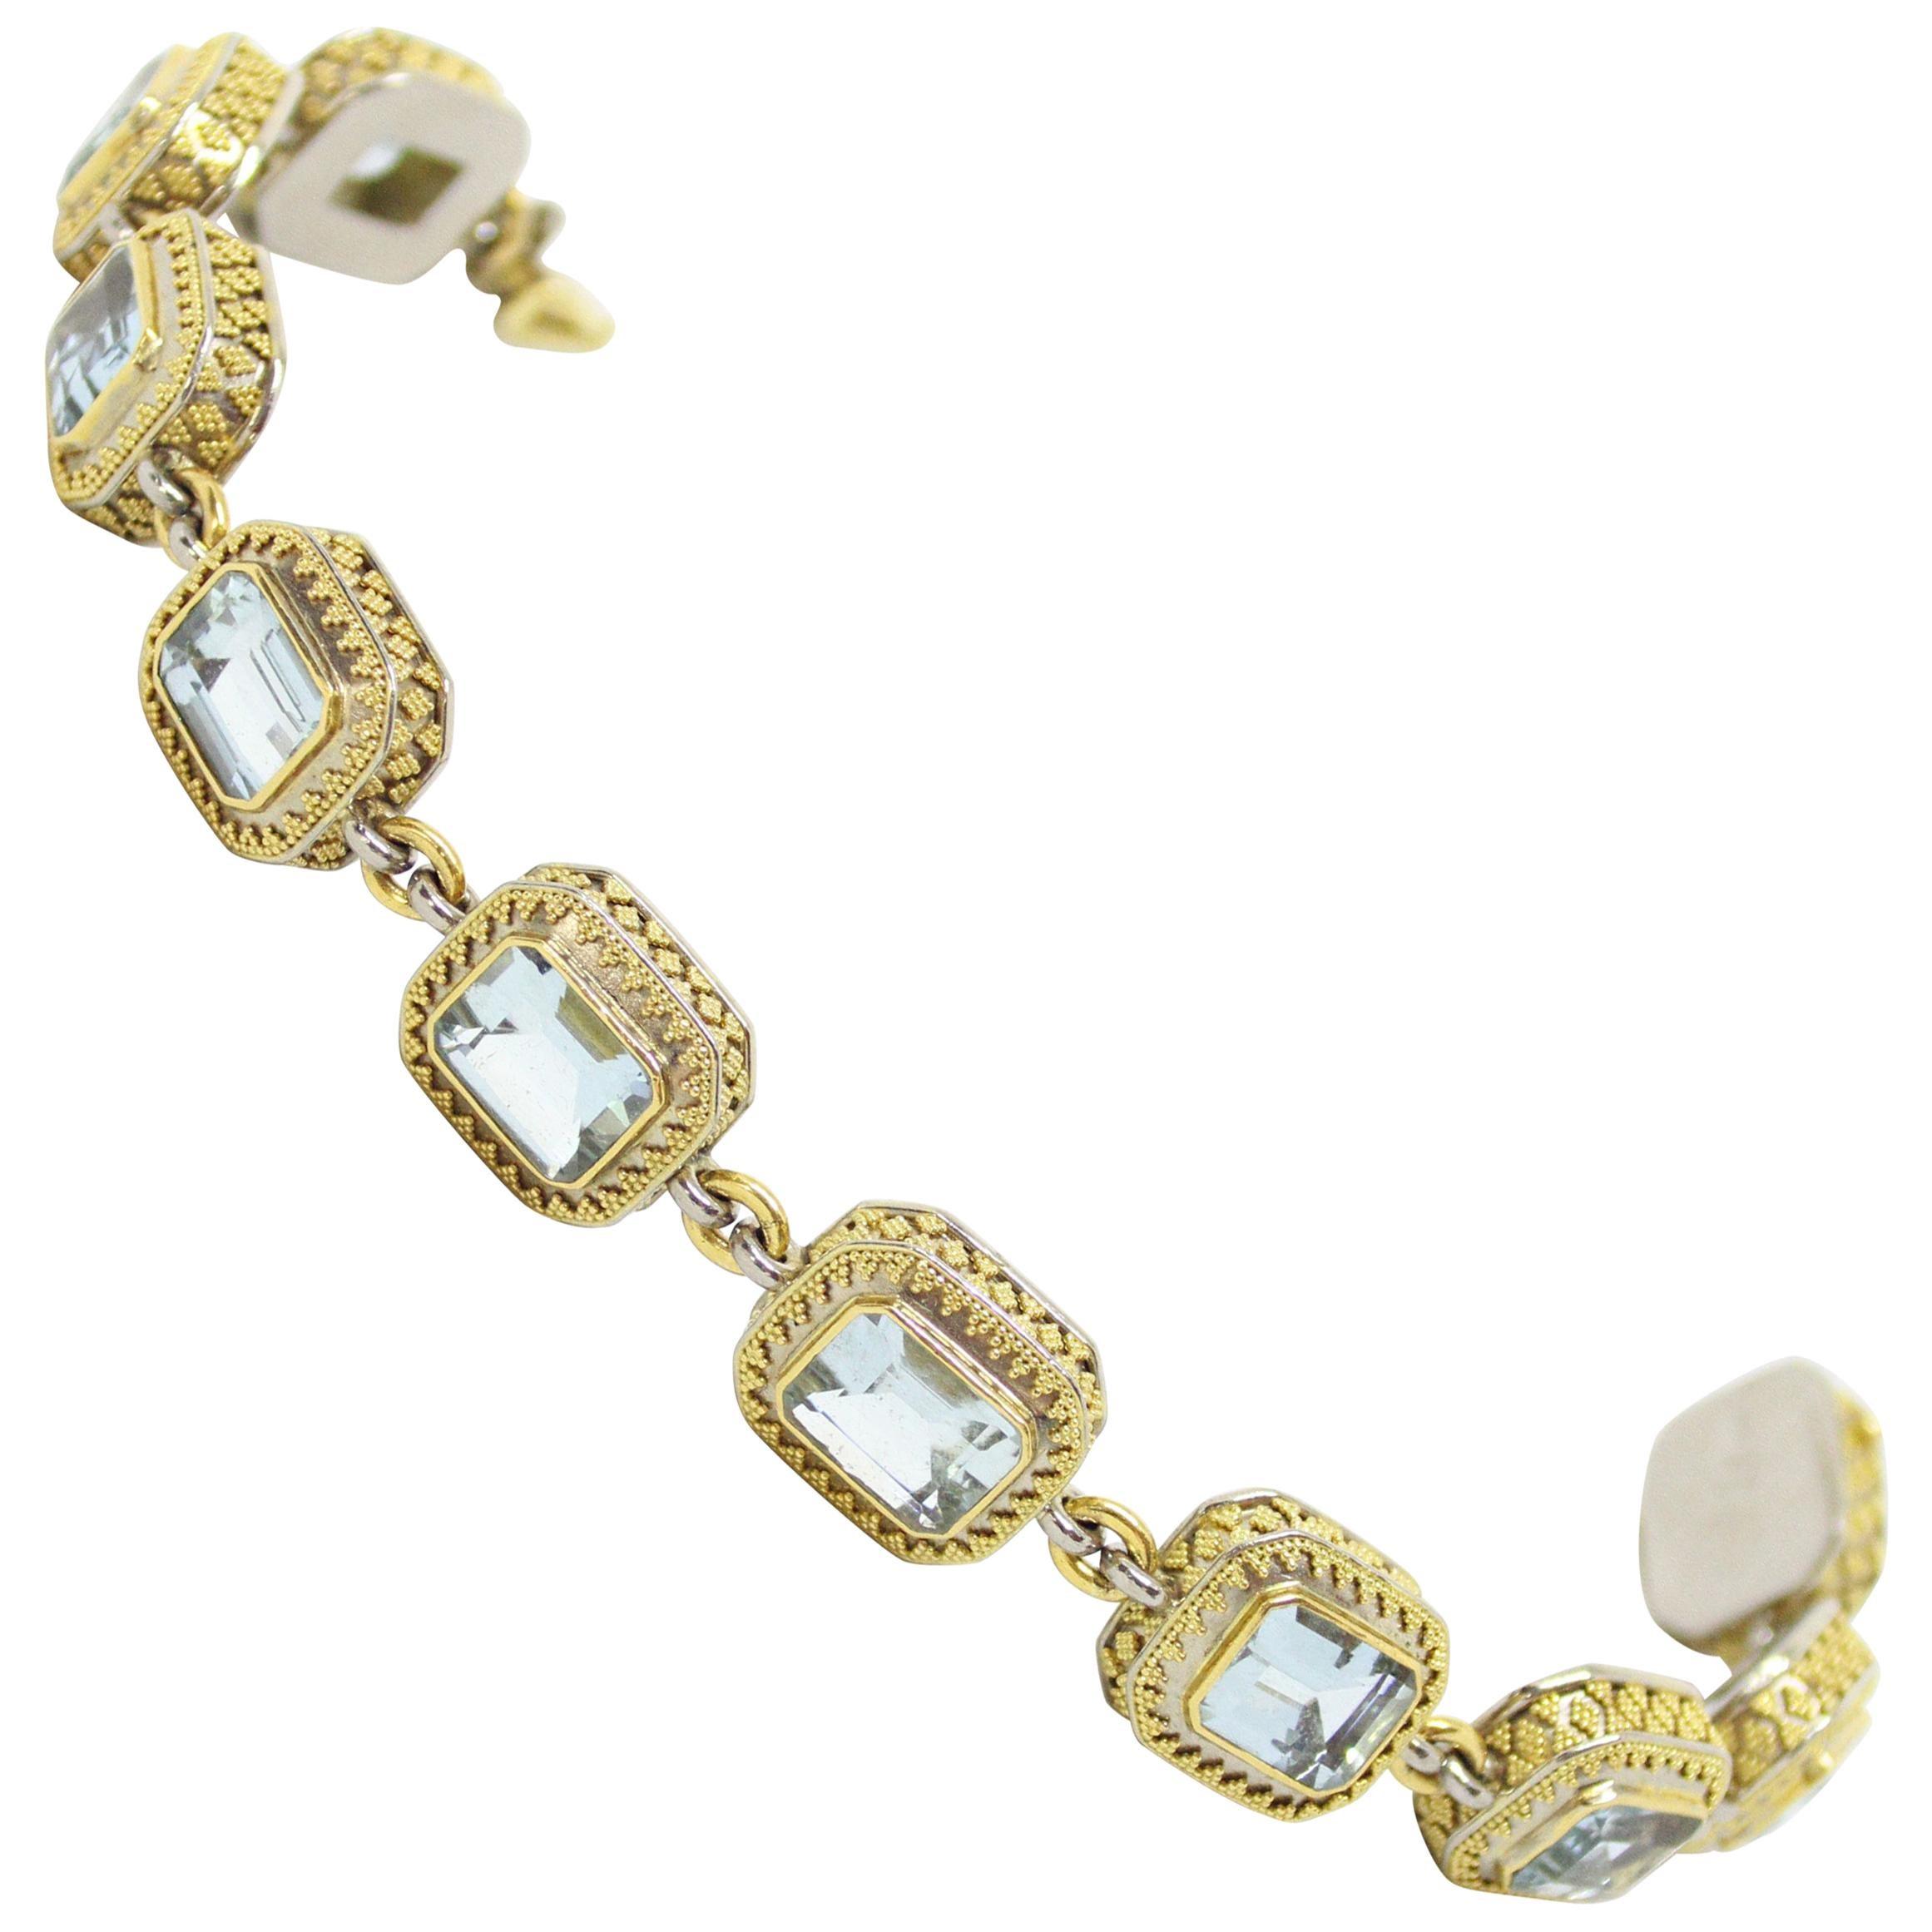 18 Carat and 22 Carat Gold Aquamarine Bracelet